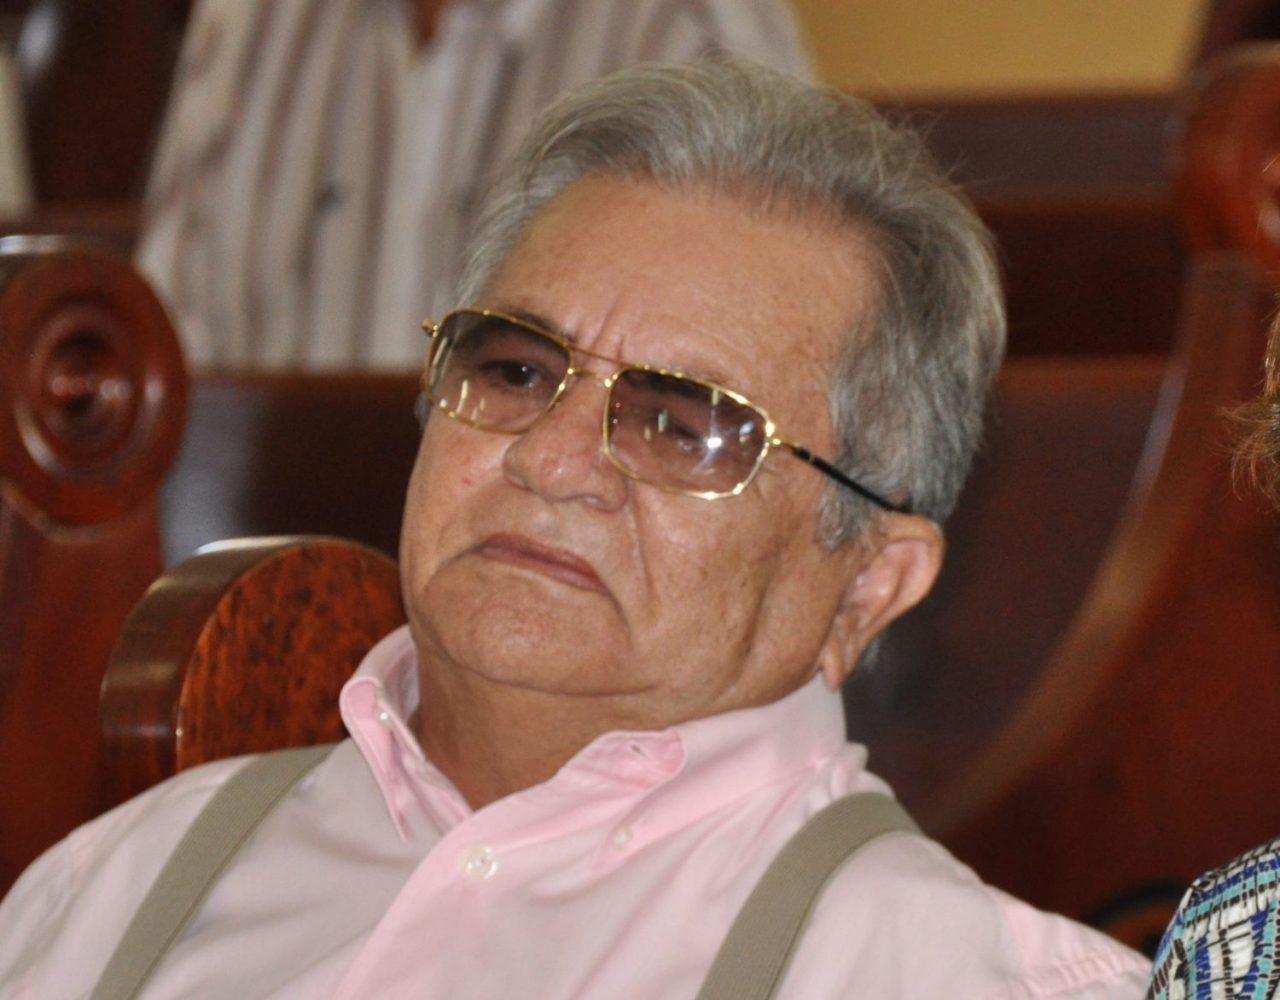 zerinho scaled - Após parada cardiorrespiratória, ex-prefeito Zerinho é sedado em hospital de Cajazeiras